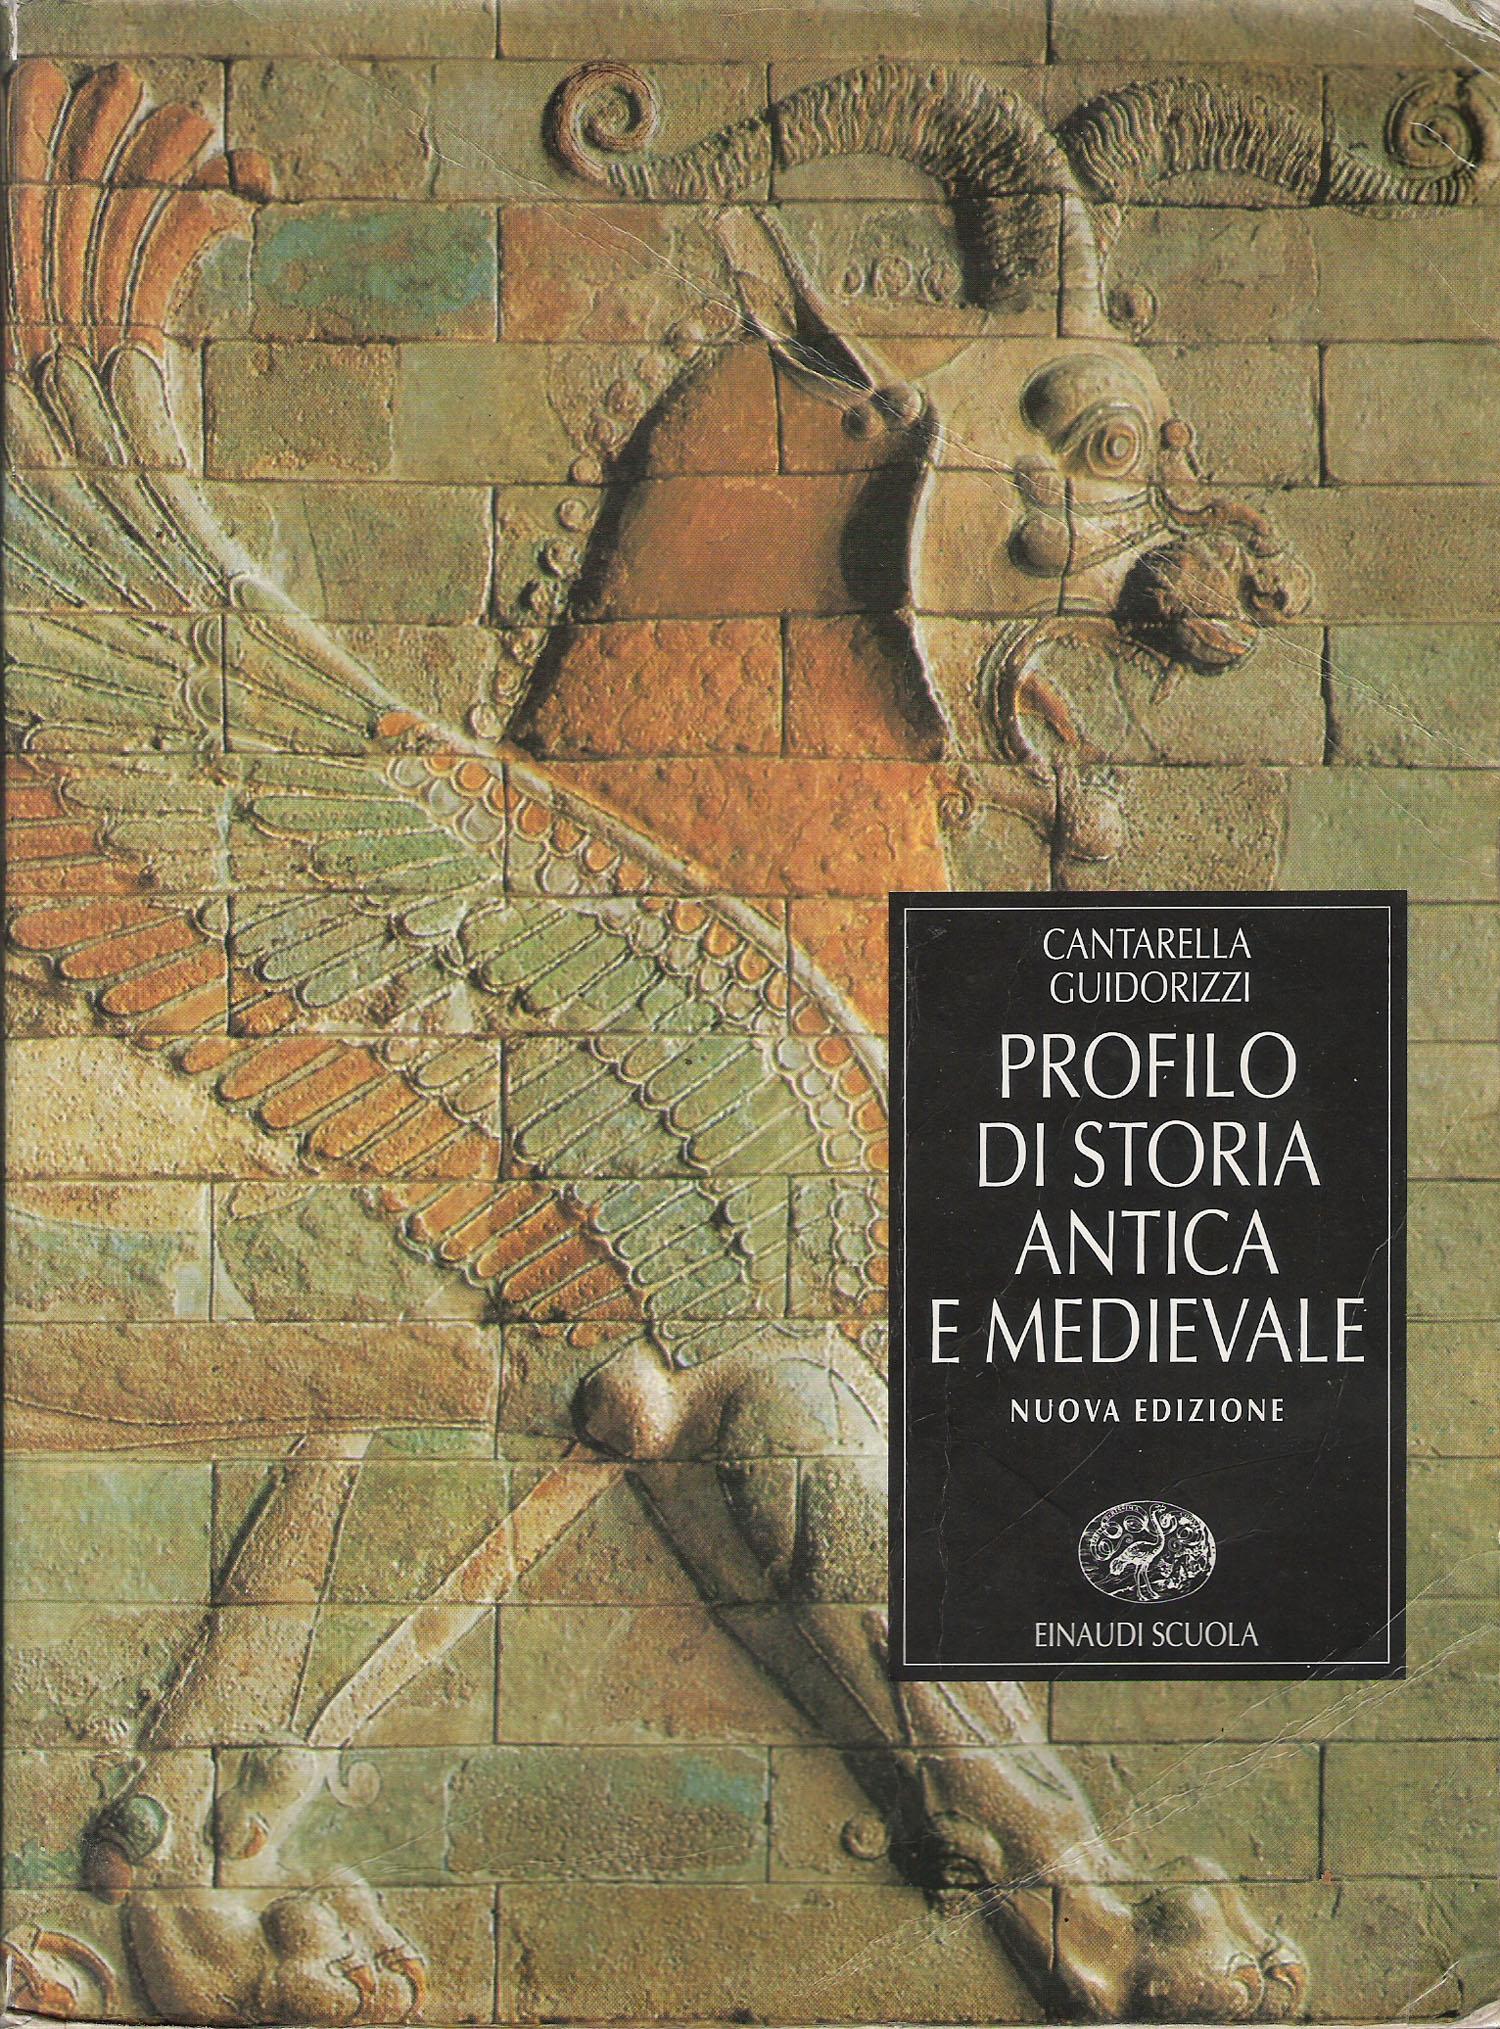 Profilo di storia antica e medievale